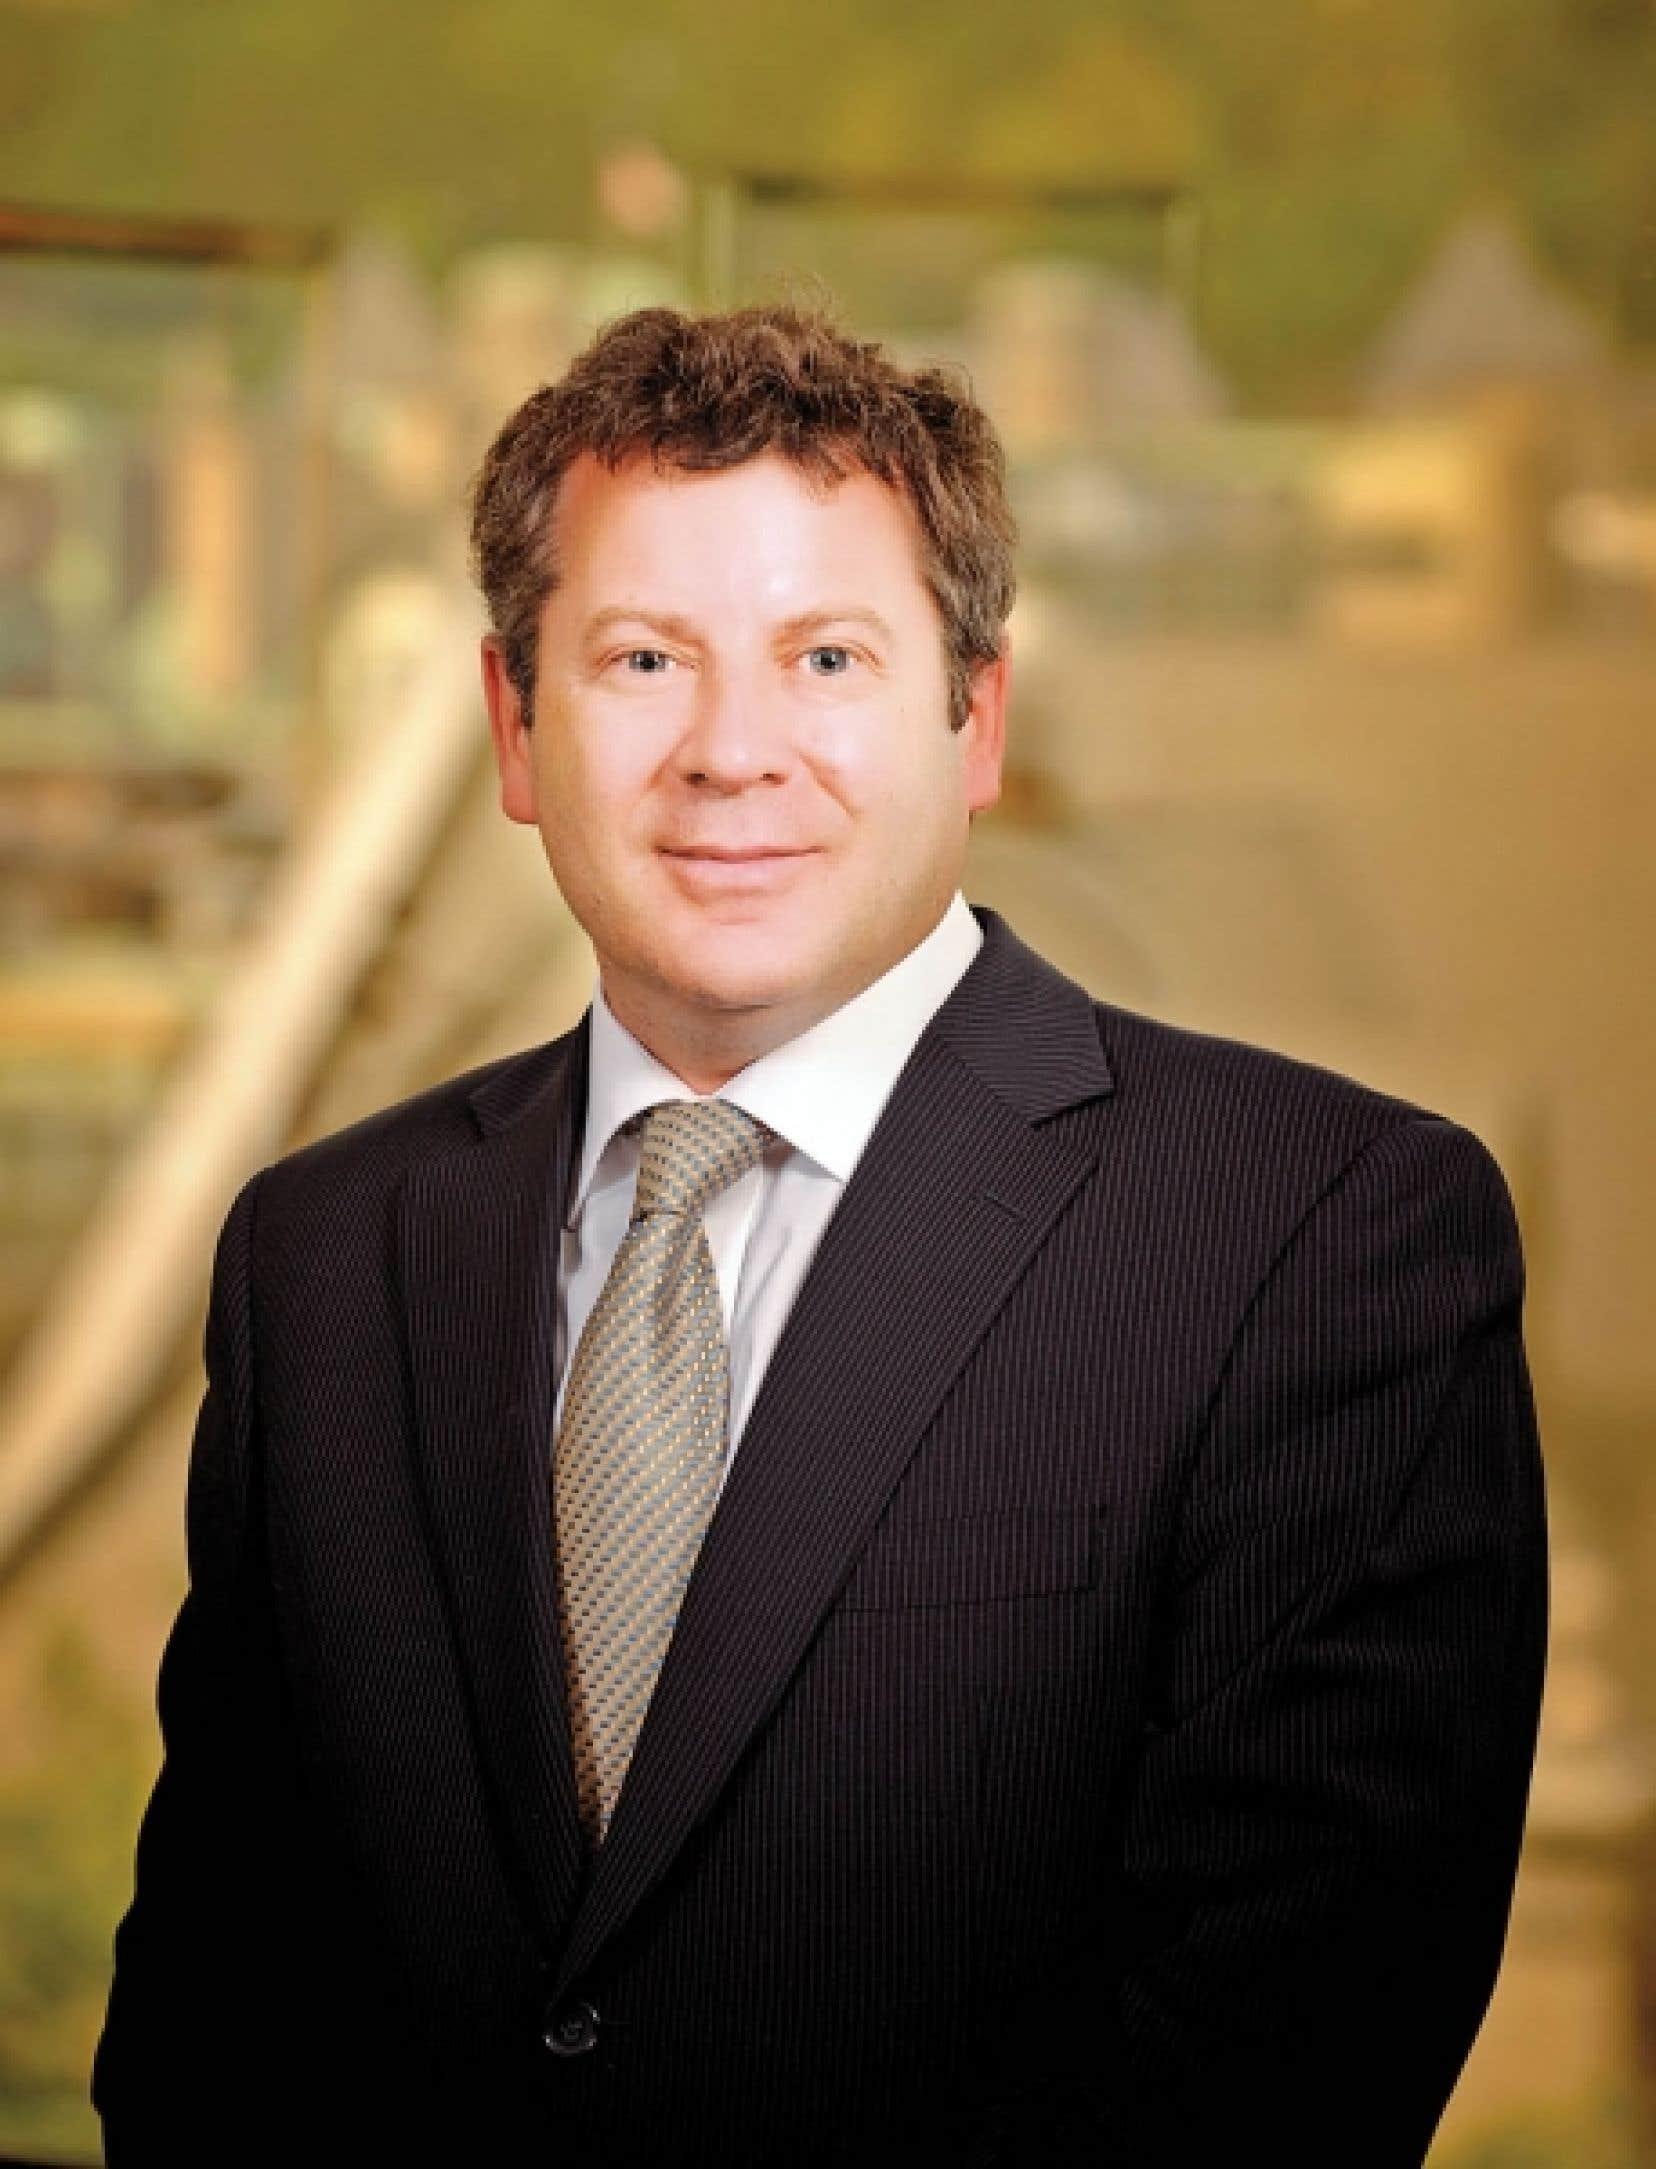 Jean-François Thuot, directeur général du Conseil interprofessionnel du Québec, rappelle que le Québec et le Canada mènent actuellement des discussions en vue d'établir un accord de libre-échange avec l'Europe.